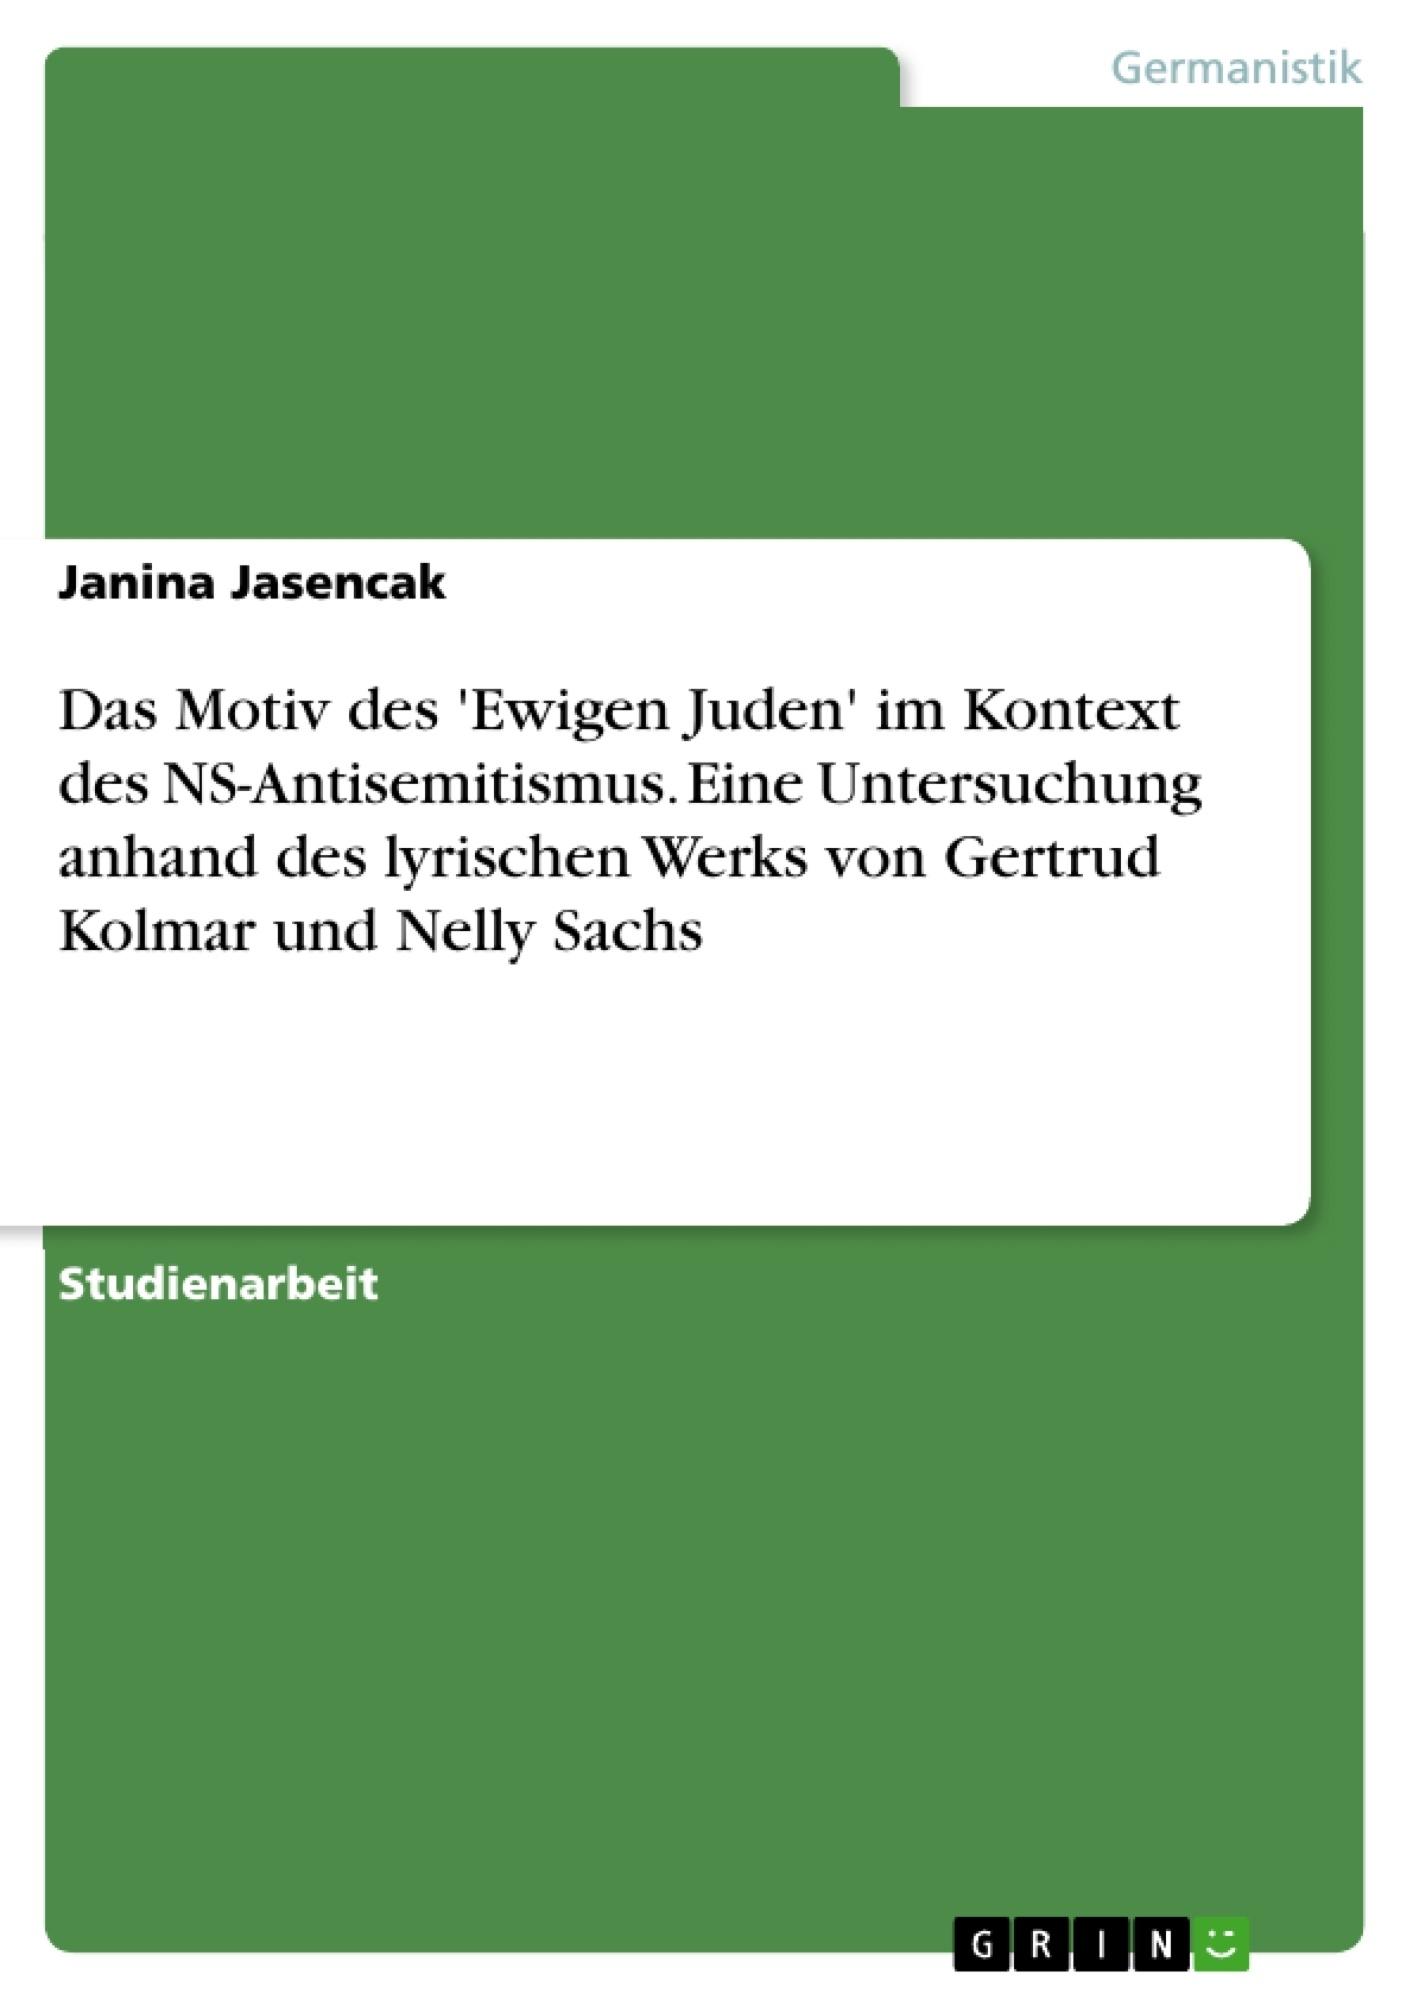 Titel: Das Motiv des 'Ewigen Juden' im Kontext des NS-Antisemitismus. Eine Untersuchung anhand des lyrischen Werks von Gertrud Kolmar und Nelly Sachs